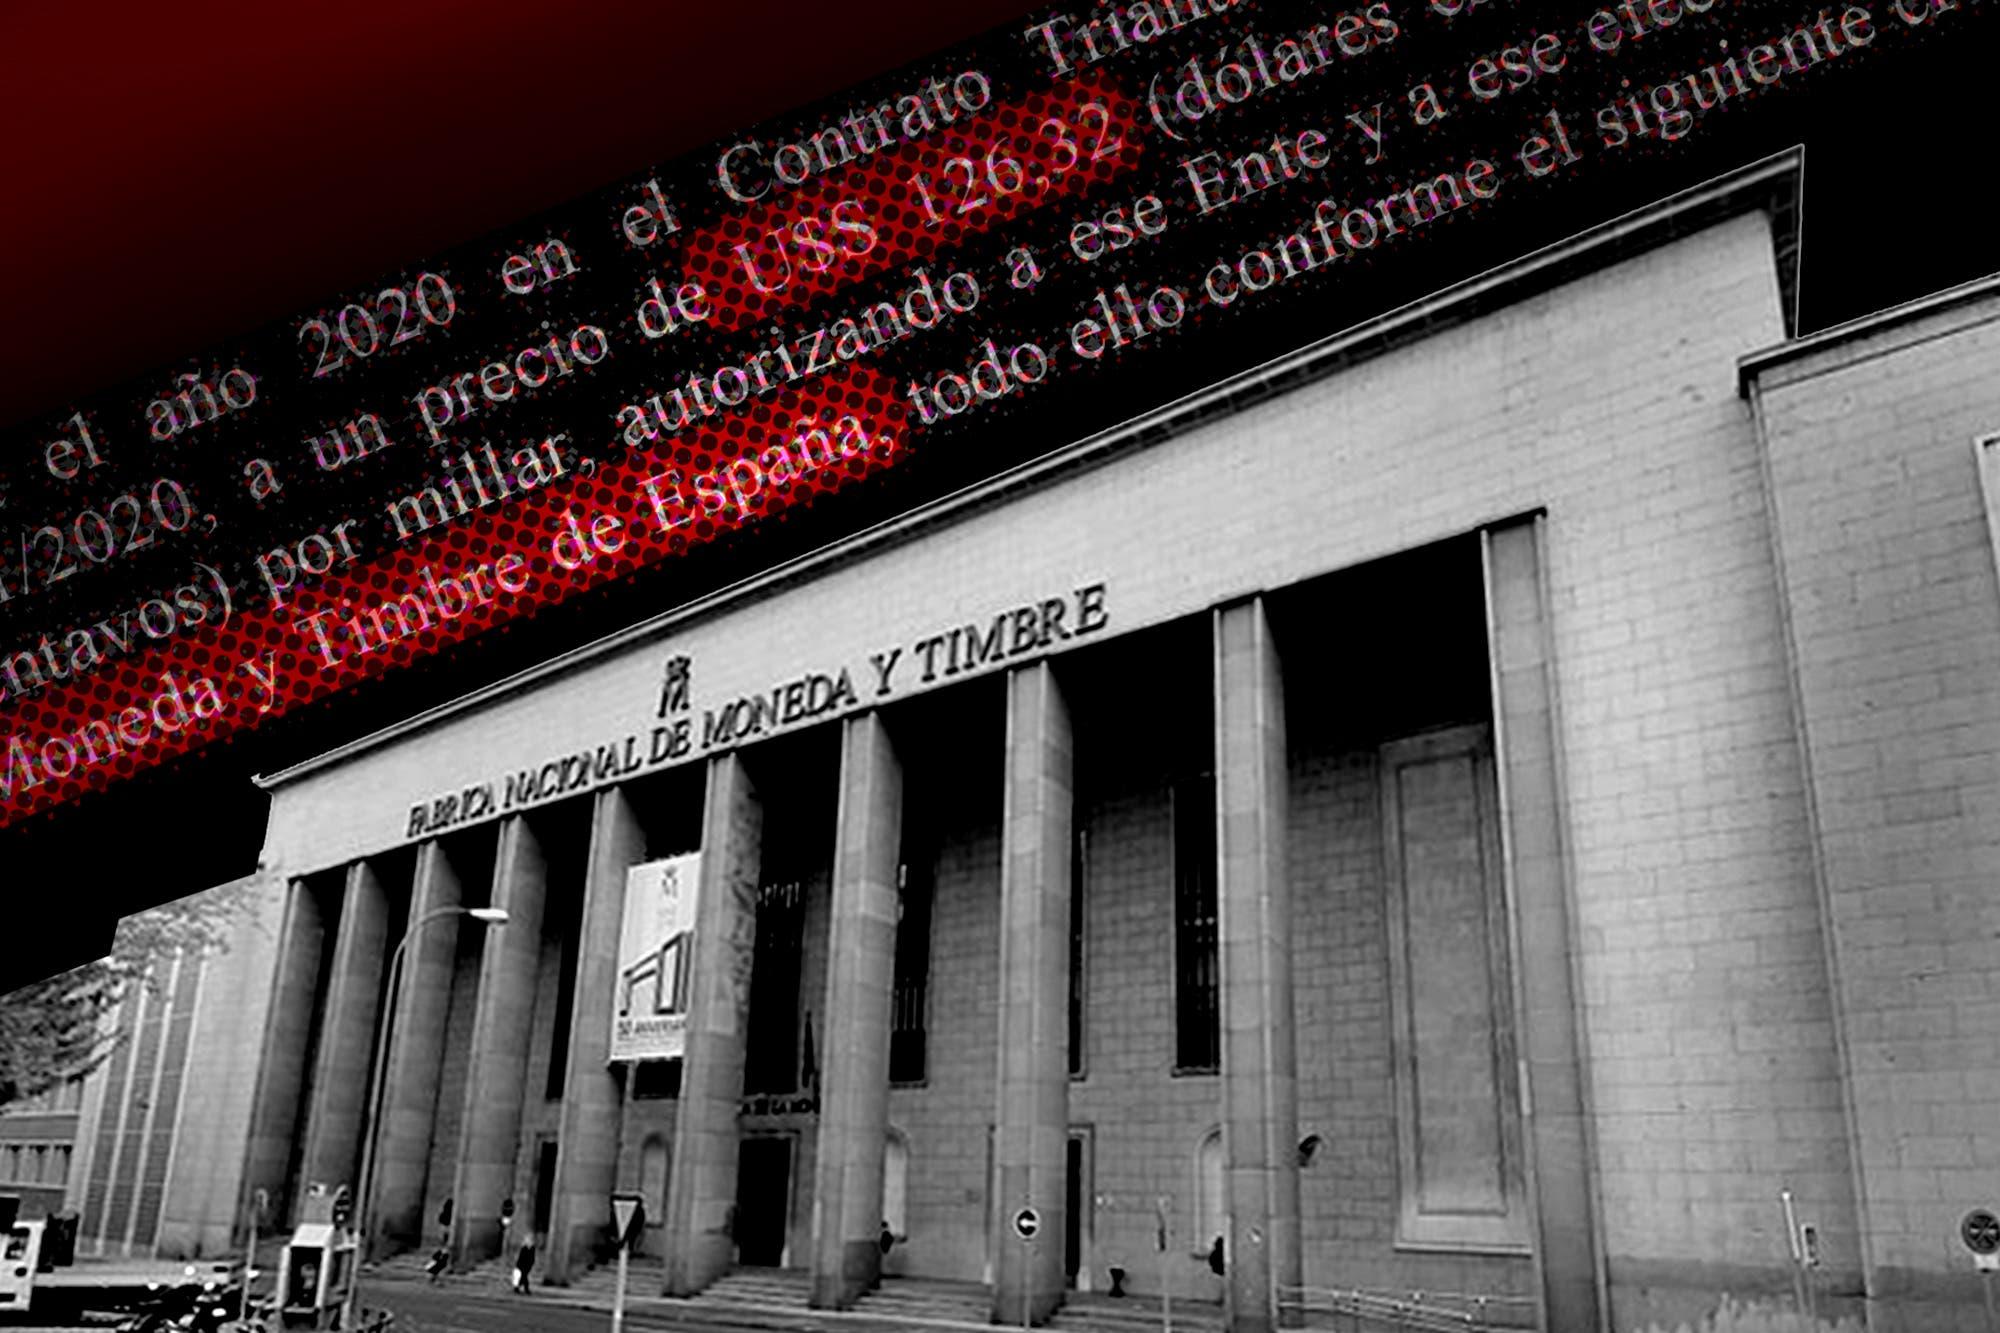 Billetes y monedas: el Gobierno compra de urgencia a España papeles de $1000 a precio récord